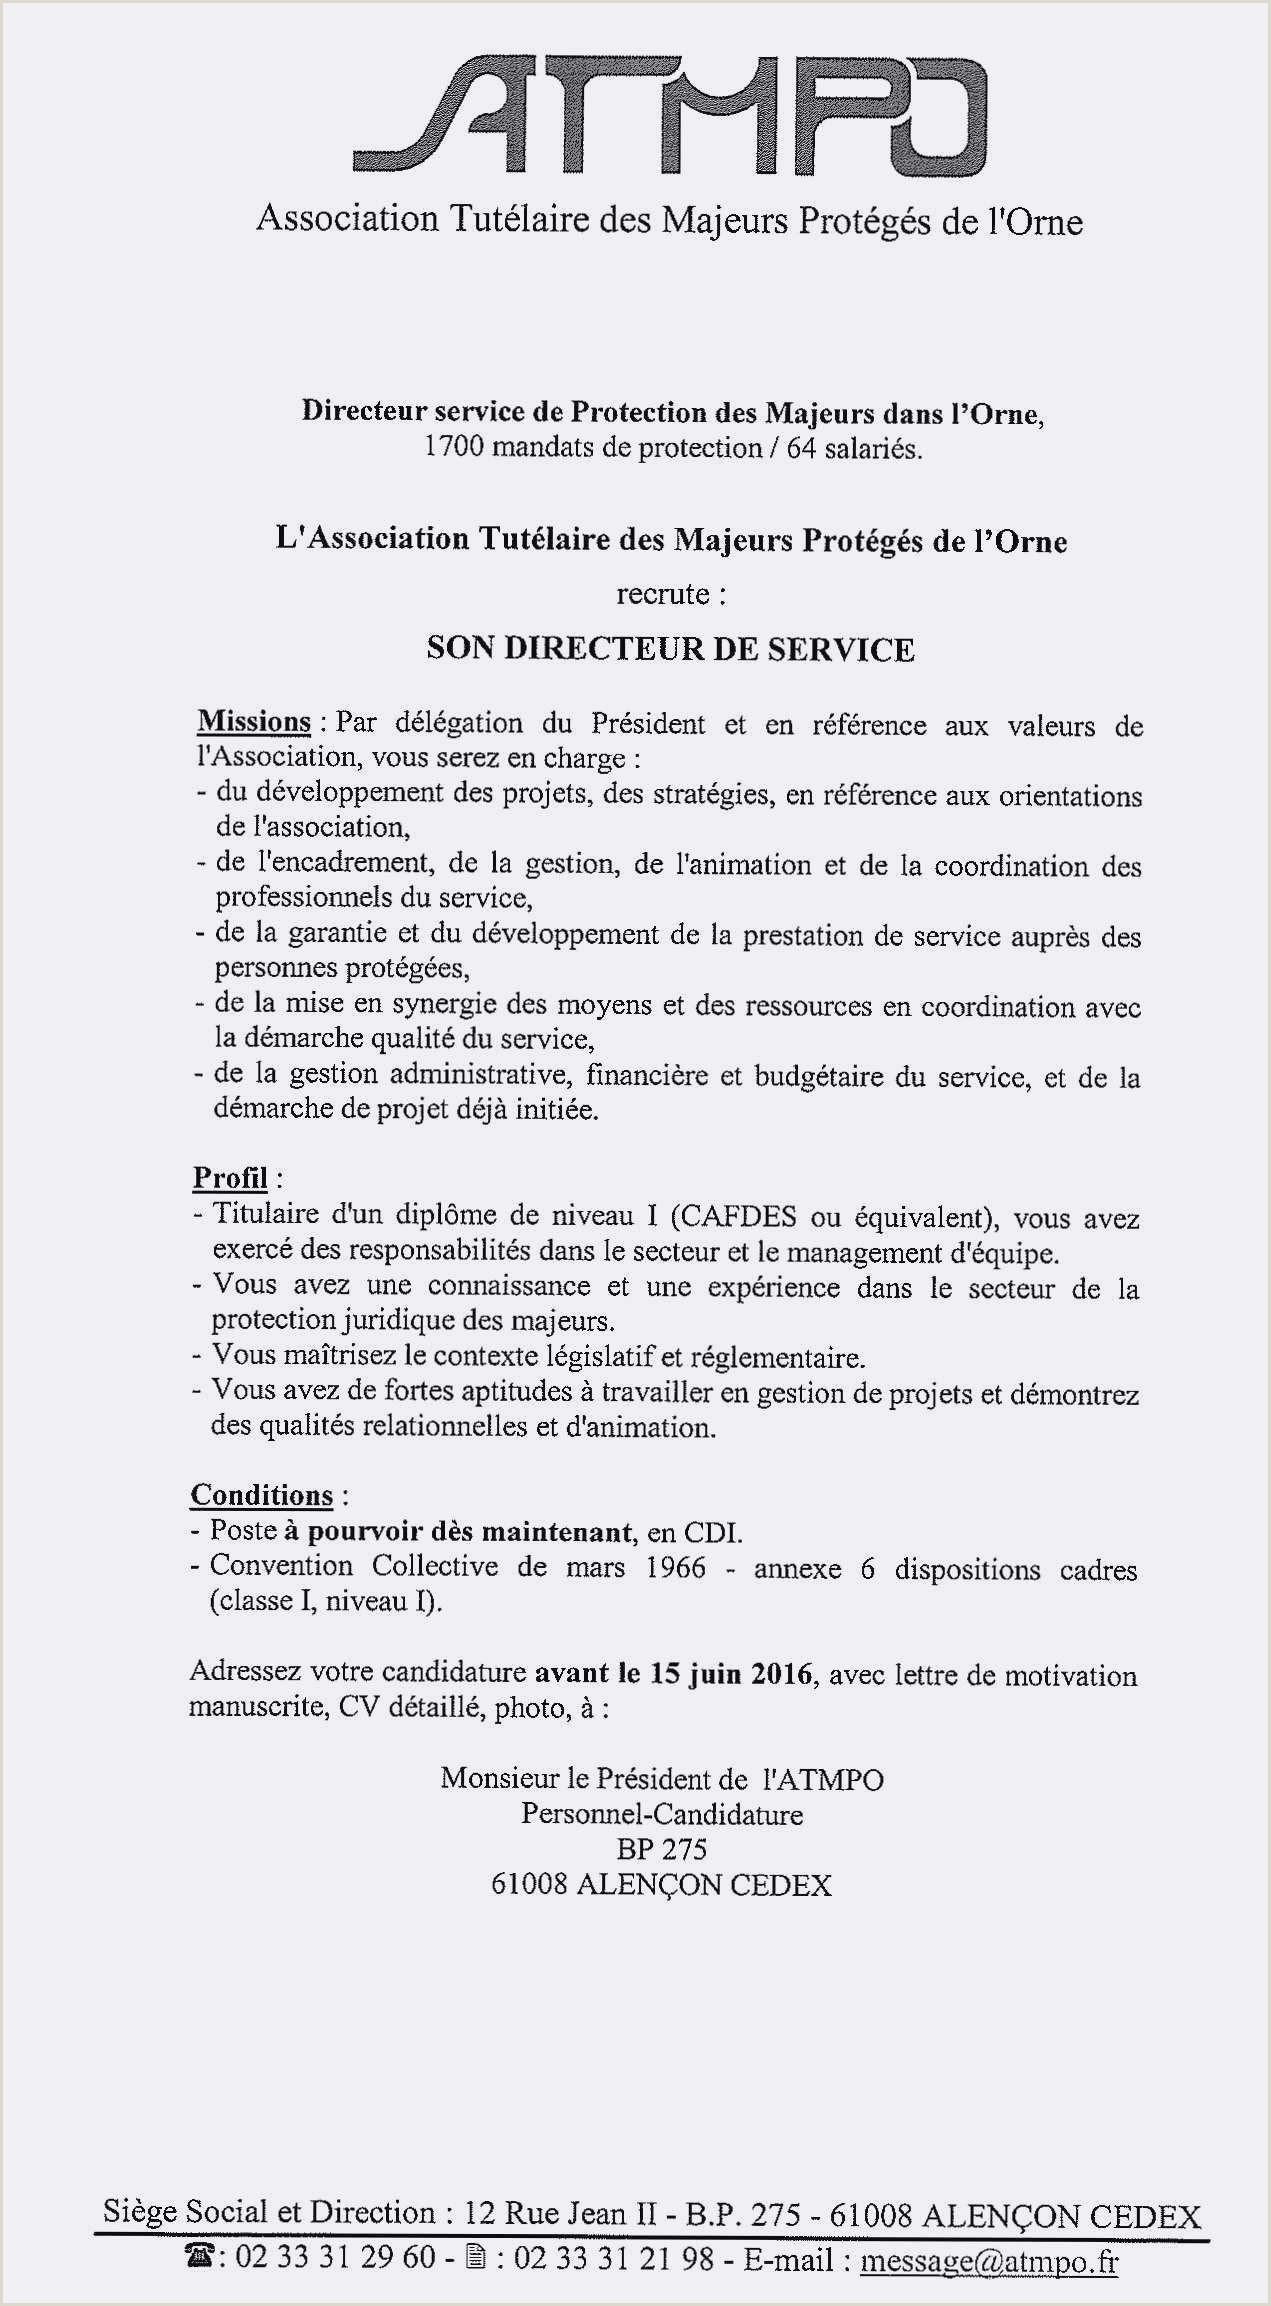 Exemple De Cv Luxe Exemple De Cv Juridique élégant Cv Juridique Modifiable Bmw